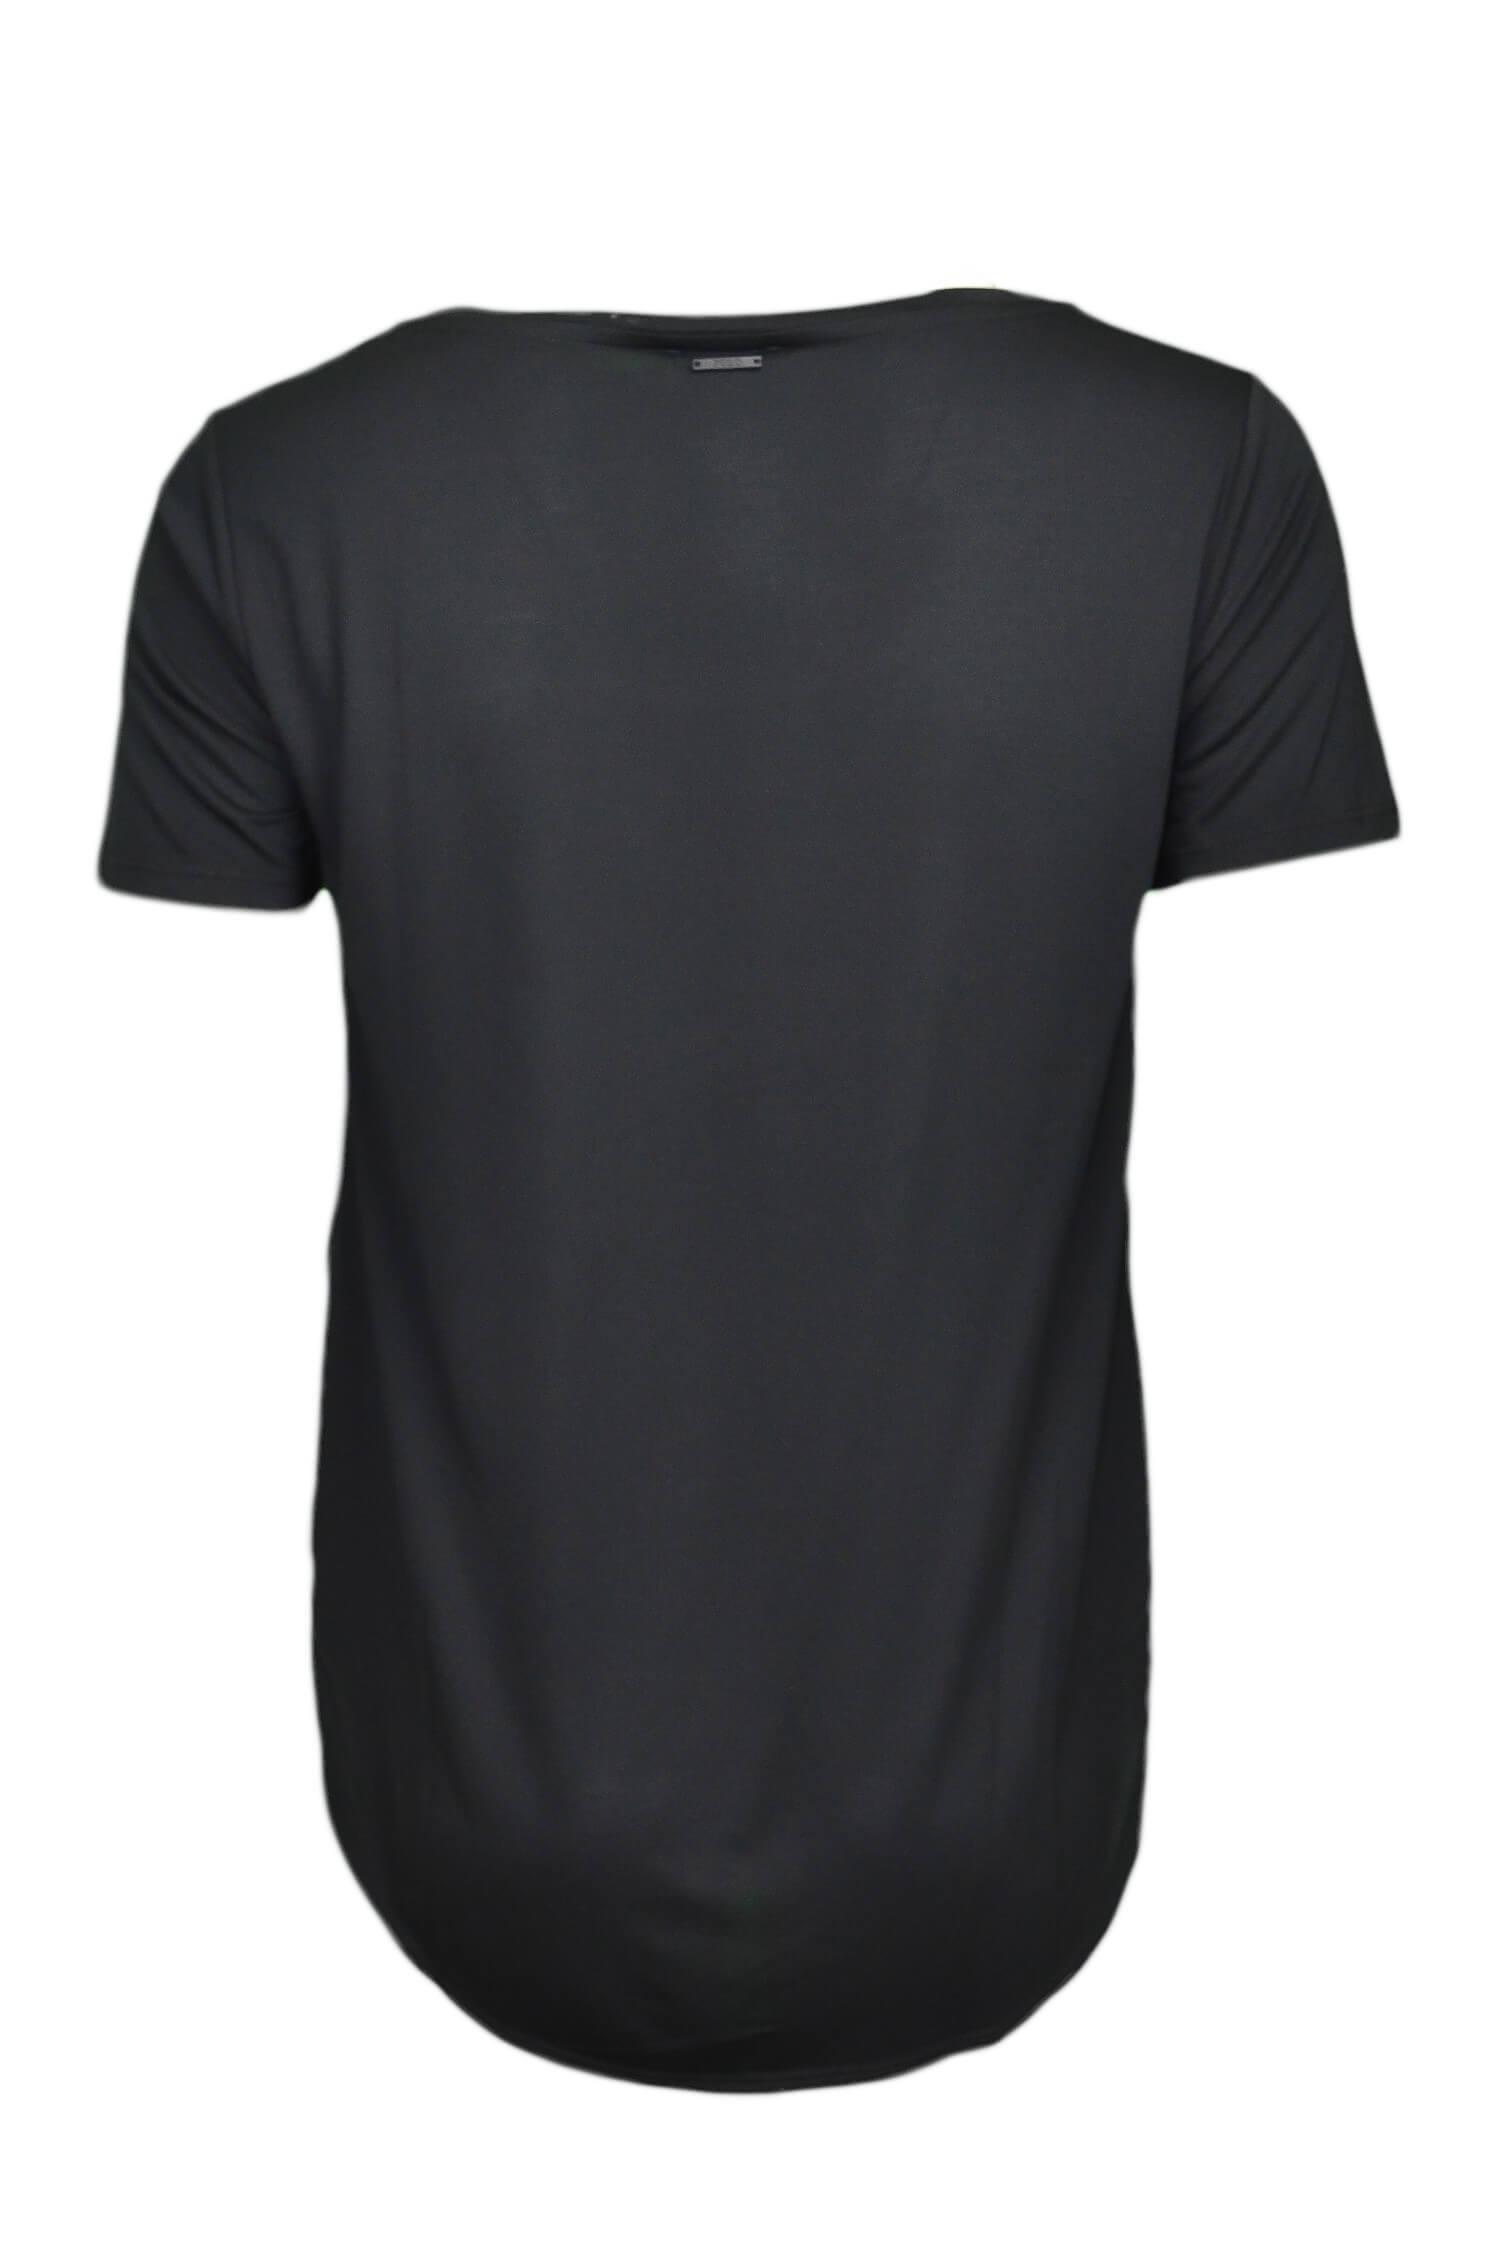 Au Toujours Dégagé T Noir Col Rond Pour Shirt Ralph Femme Lauren rdBCoWxe